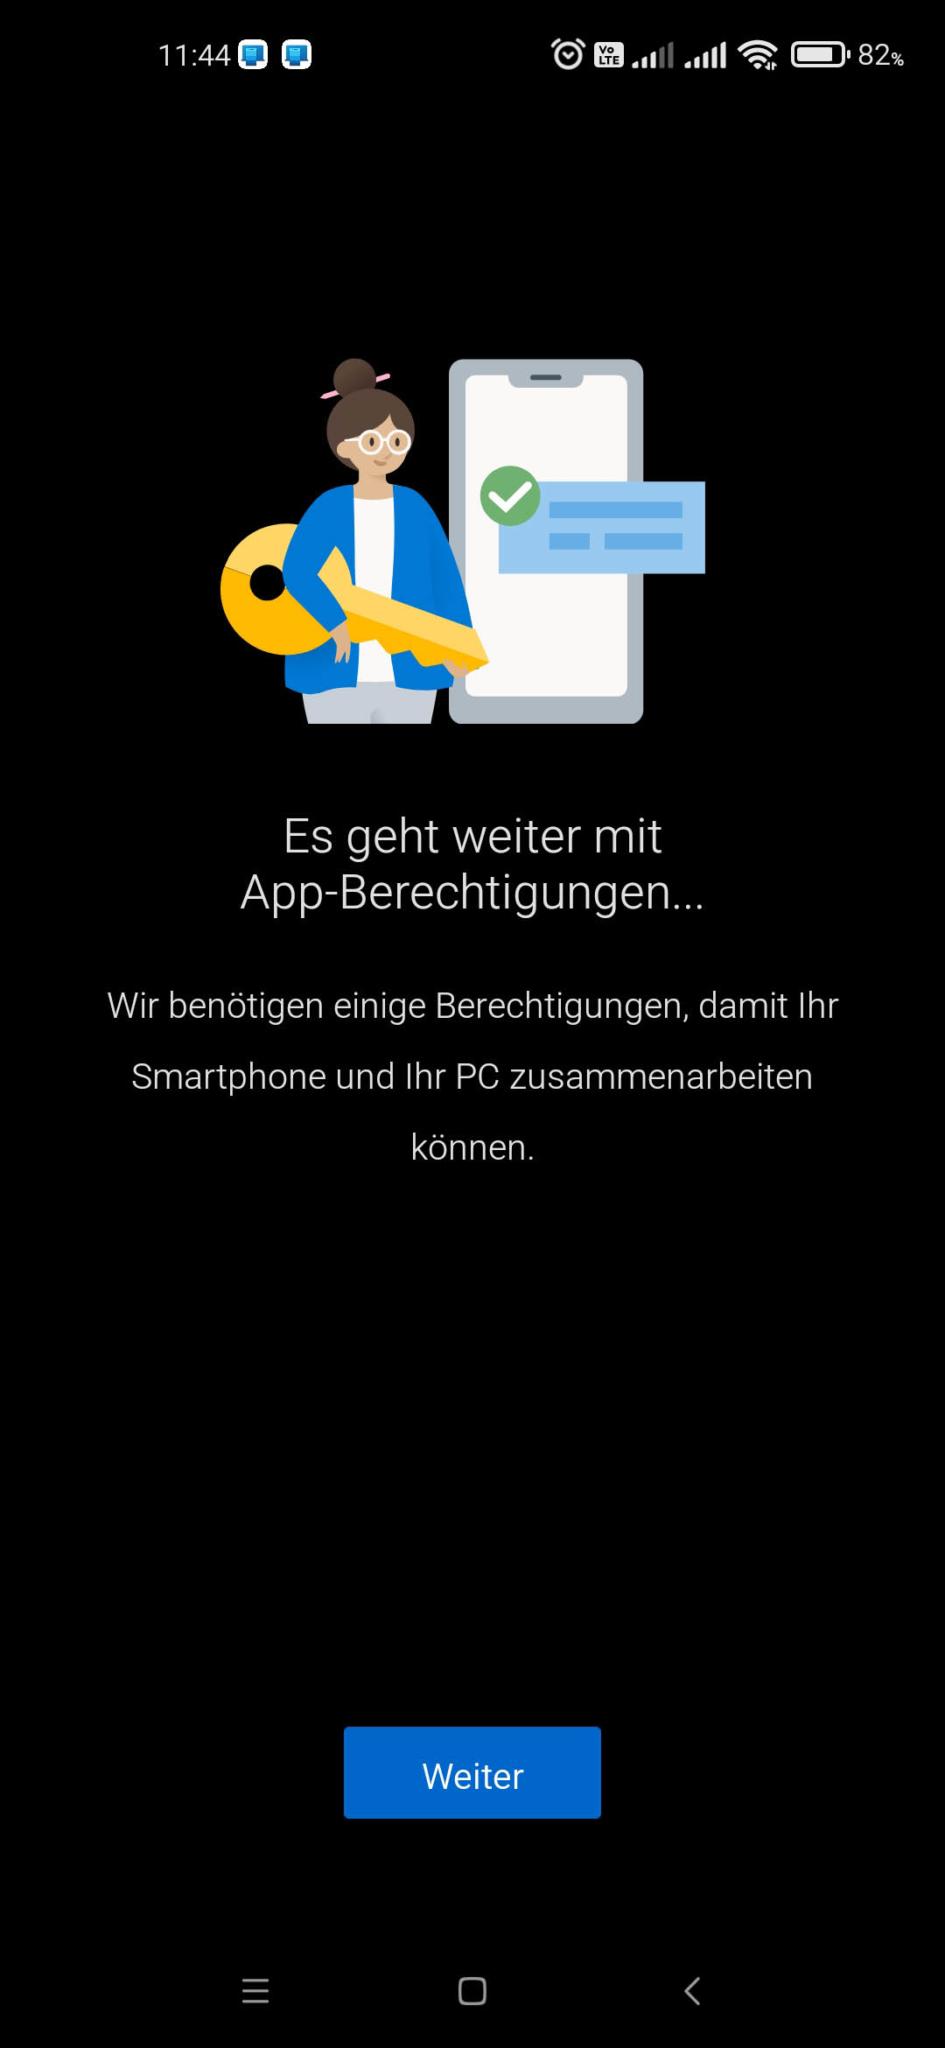 Windows 10 mit Android Smartphone verbinden - App-Berechtigungen